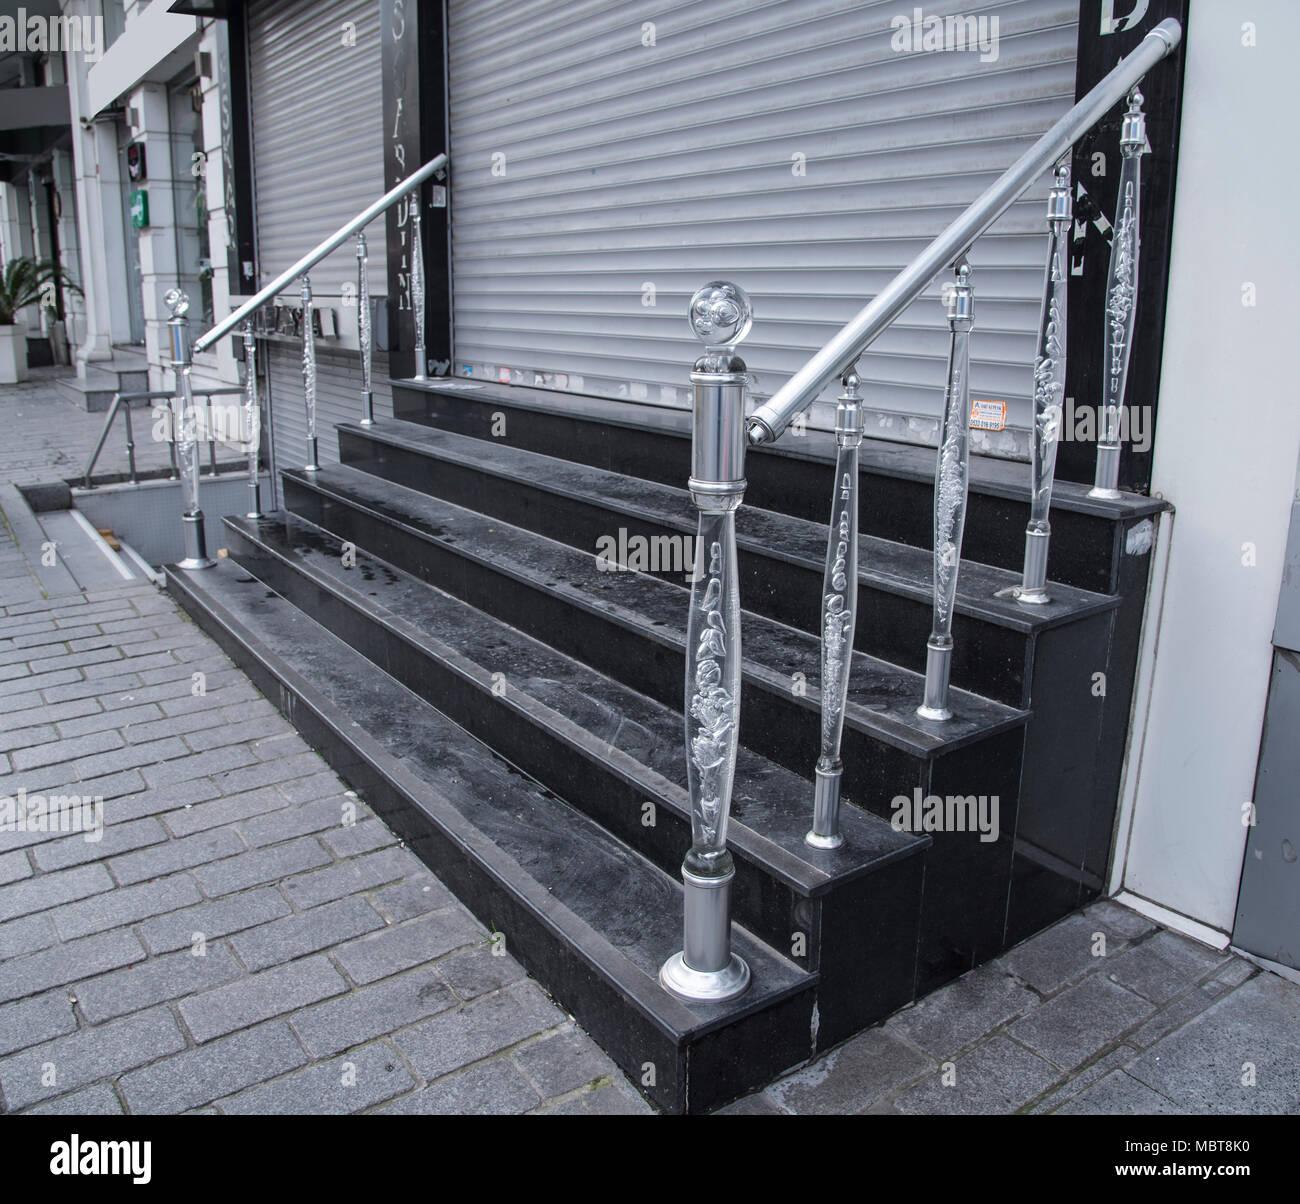 Scala In Marmo Nero il nero delle scale di marmo per il negozio chiuso con